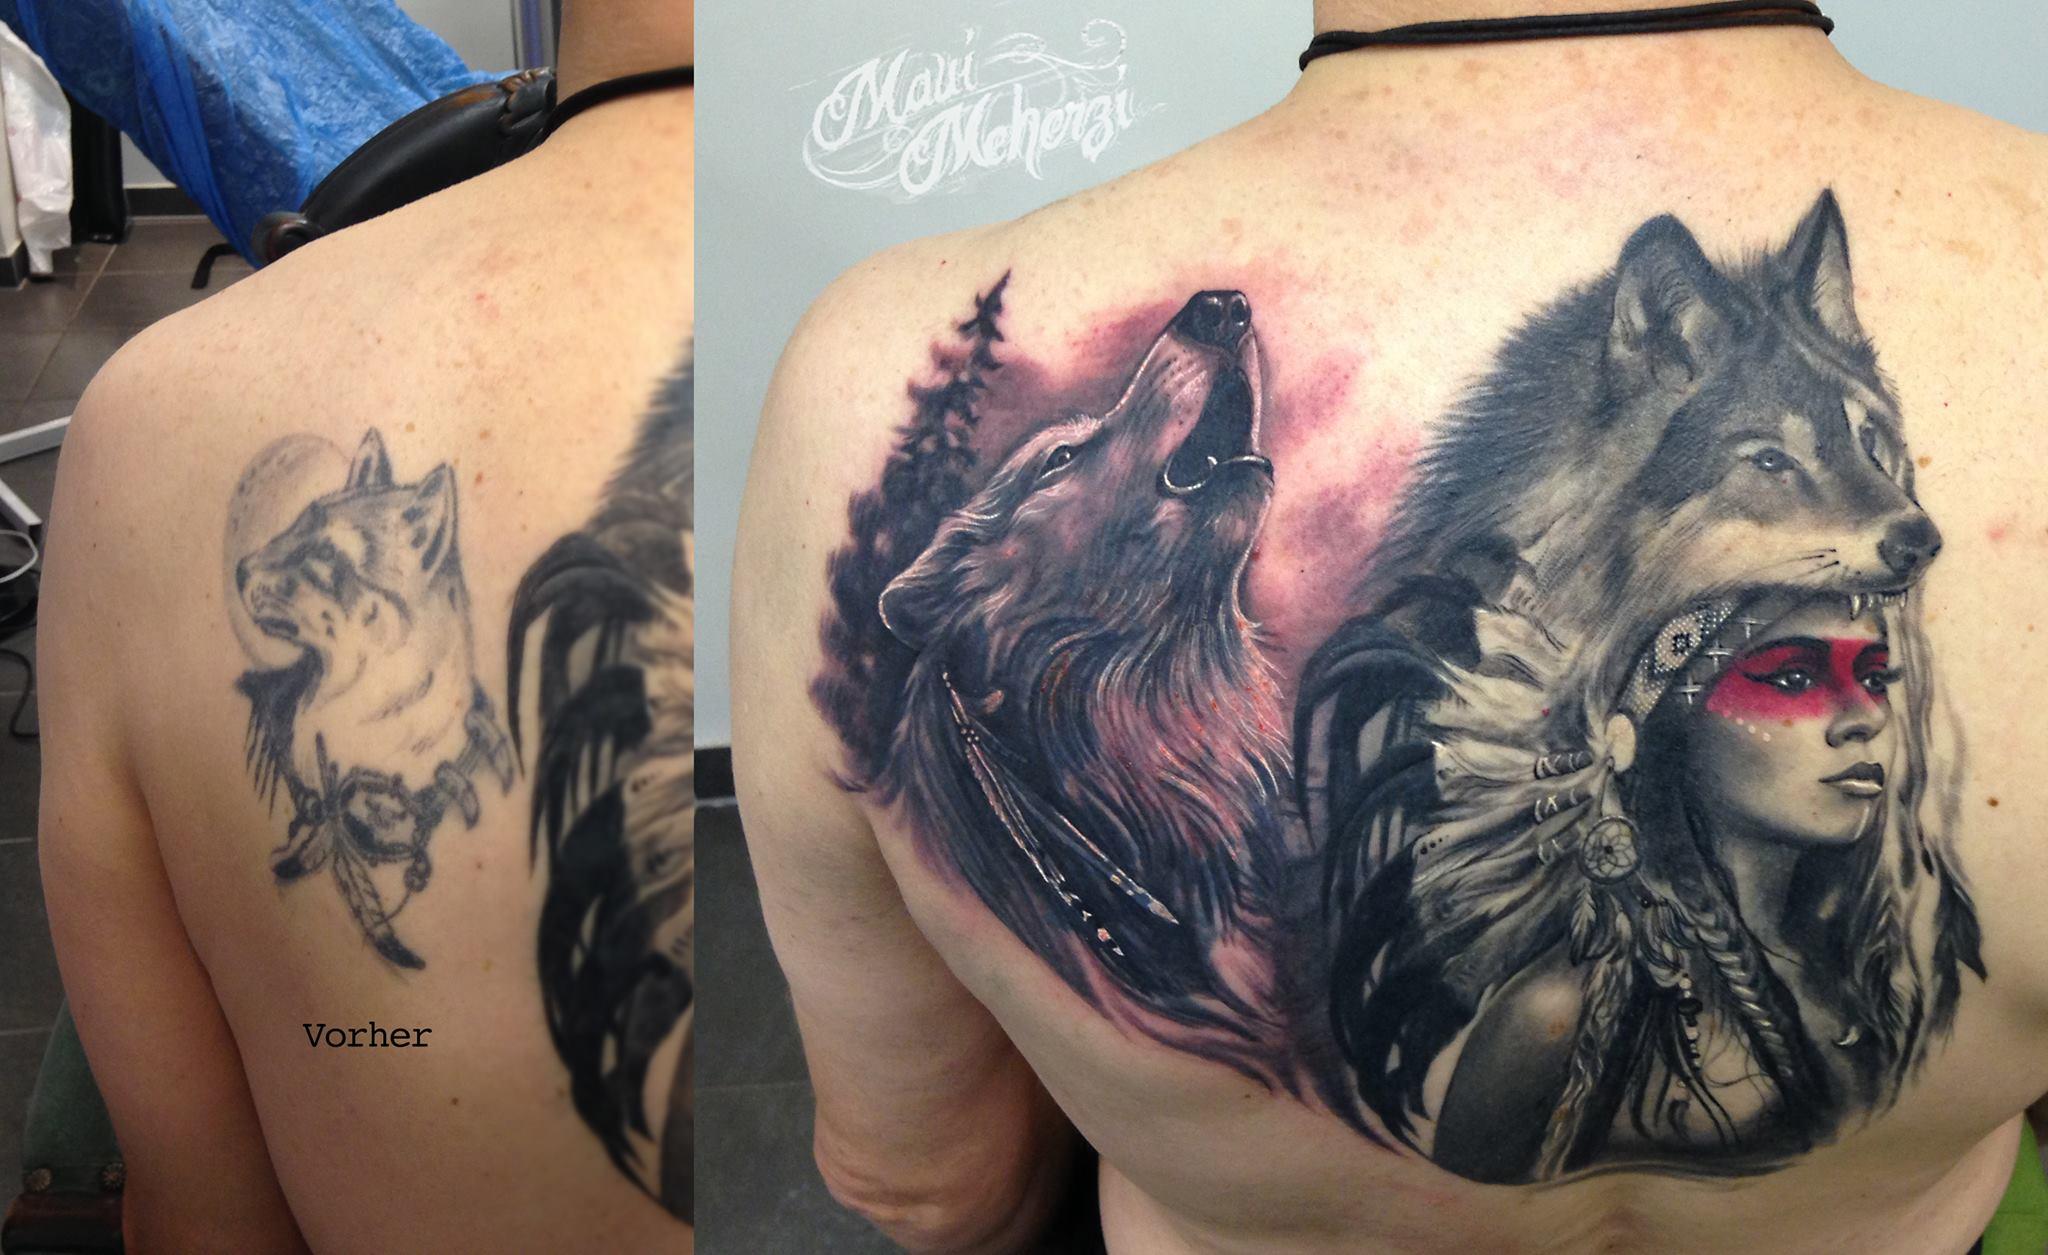 Maui Meherzi - Opus Magnum Tattoo Studio Wien - Wolf Tattoo Native American Tattoo Indianerin